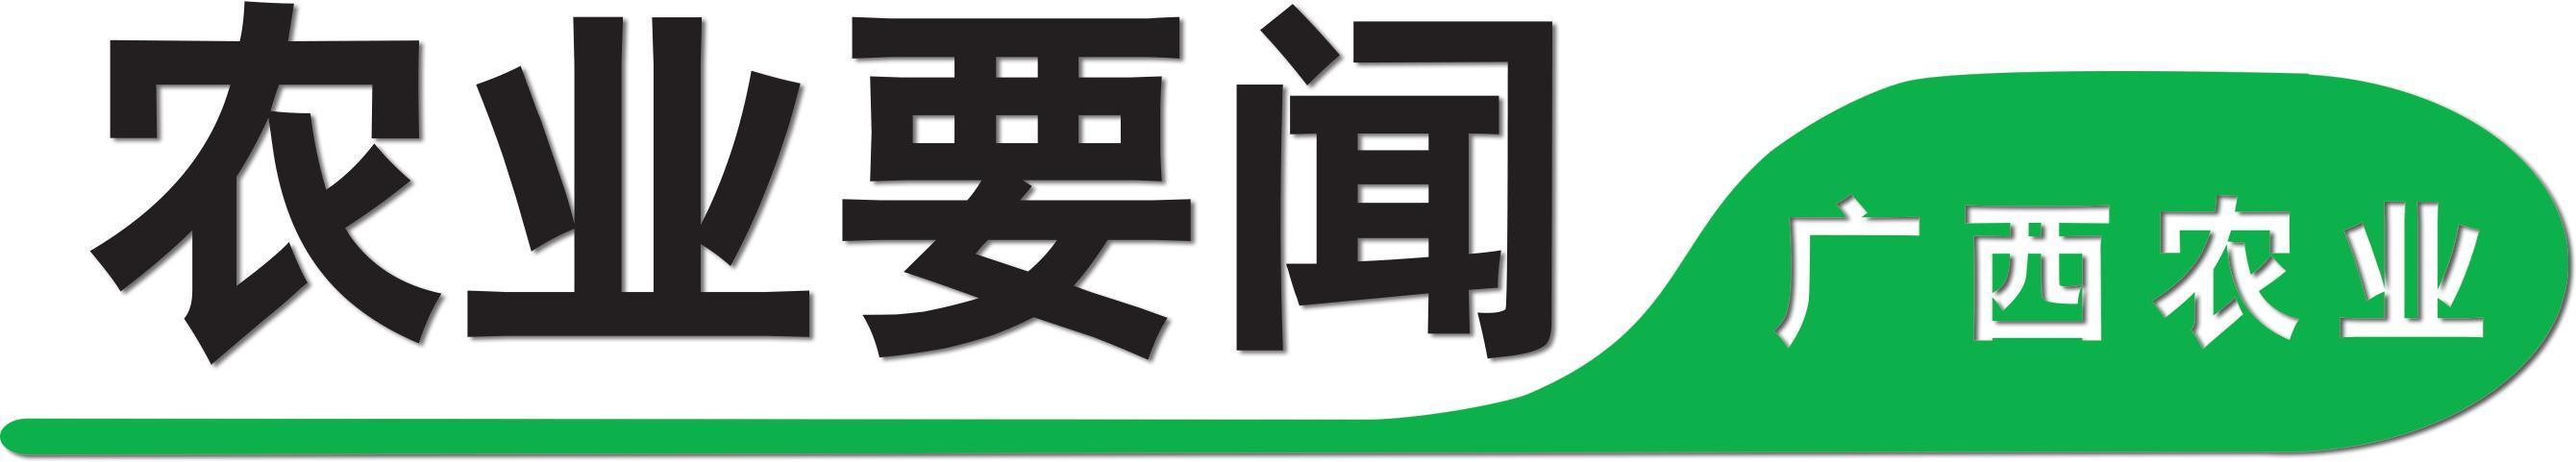 星游娱乐注册登录2-农业农村部等五部门联合印发《关于金融服务乡村振兴的指导意见》